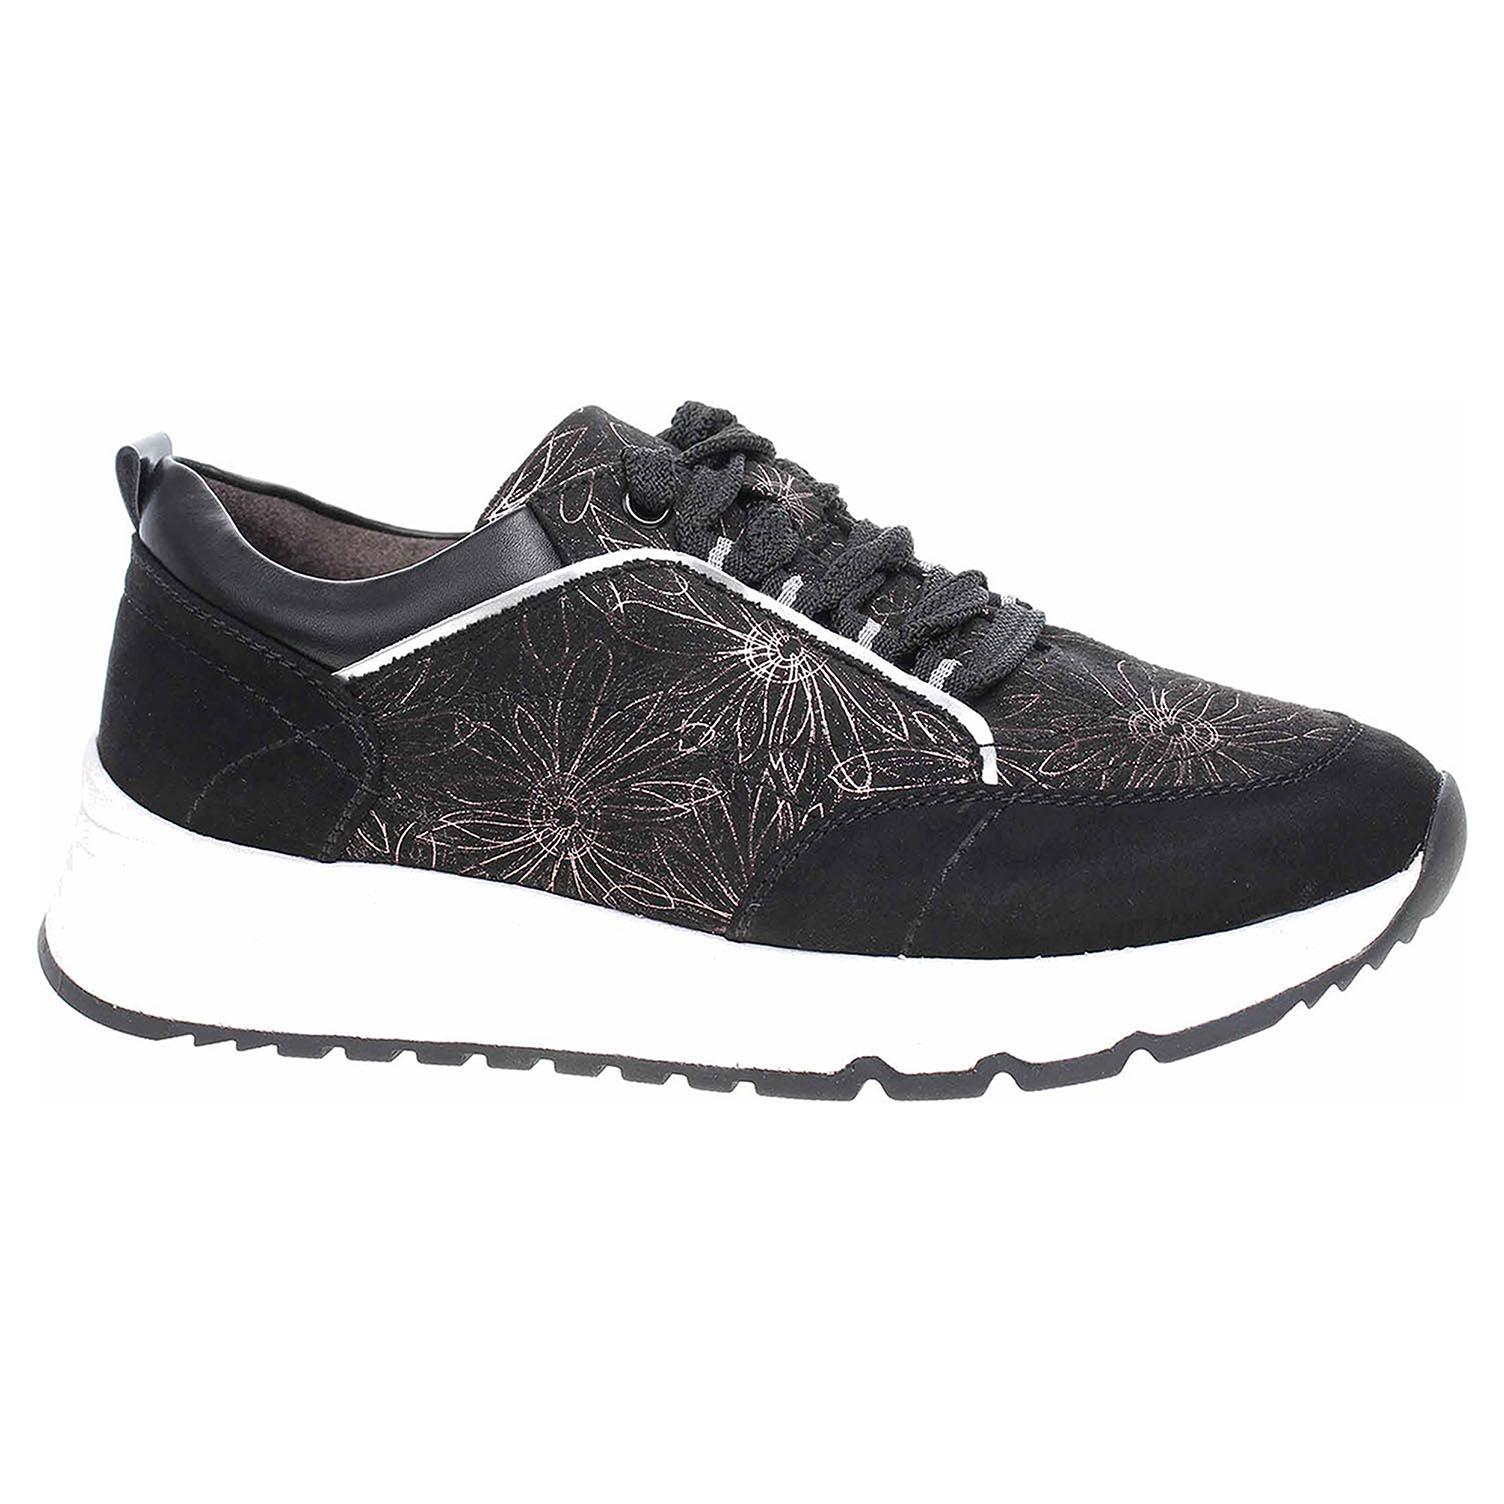 Dámská obuv Jana 8-23764-25 black 8-8-23764-25 001 39